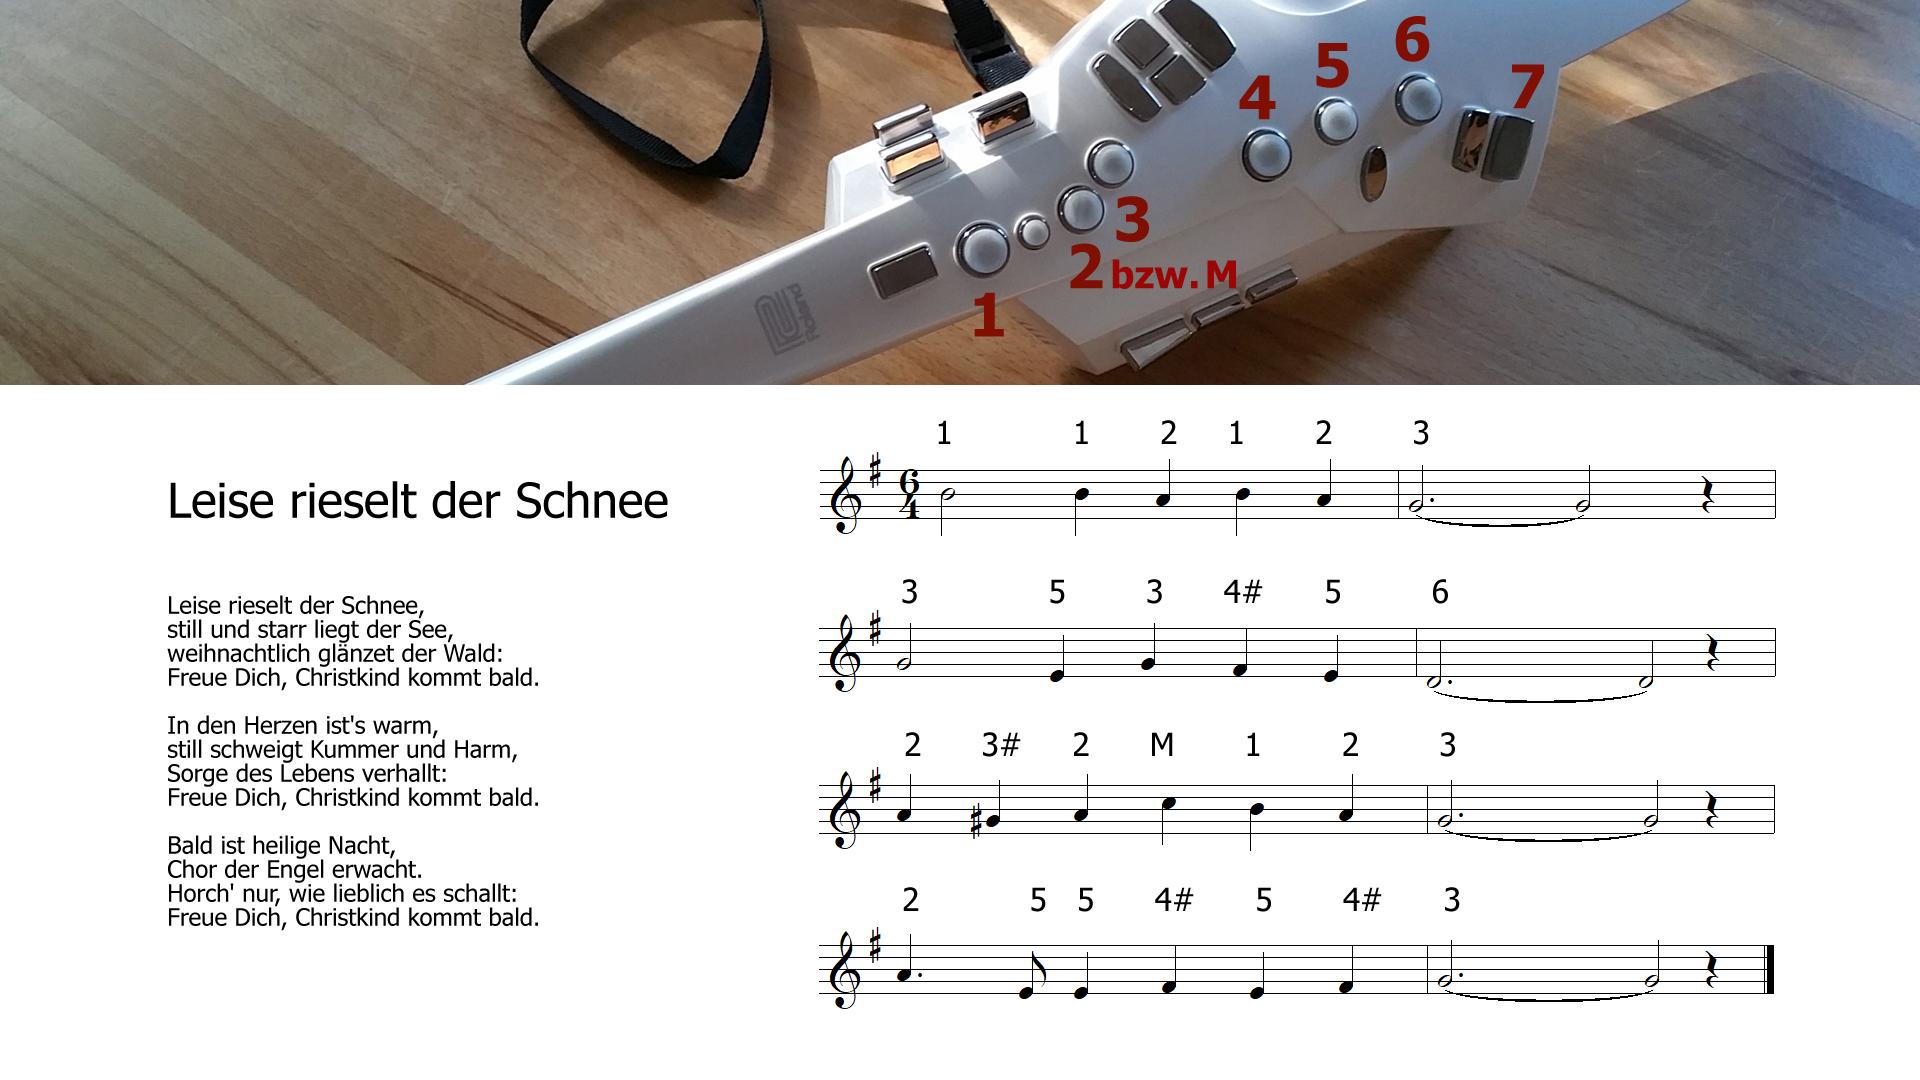 Weihnachtslieder am Saxophon / Roland Aerophone lernen: Leise ...